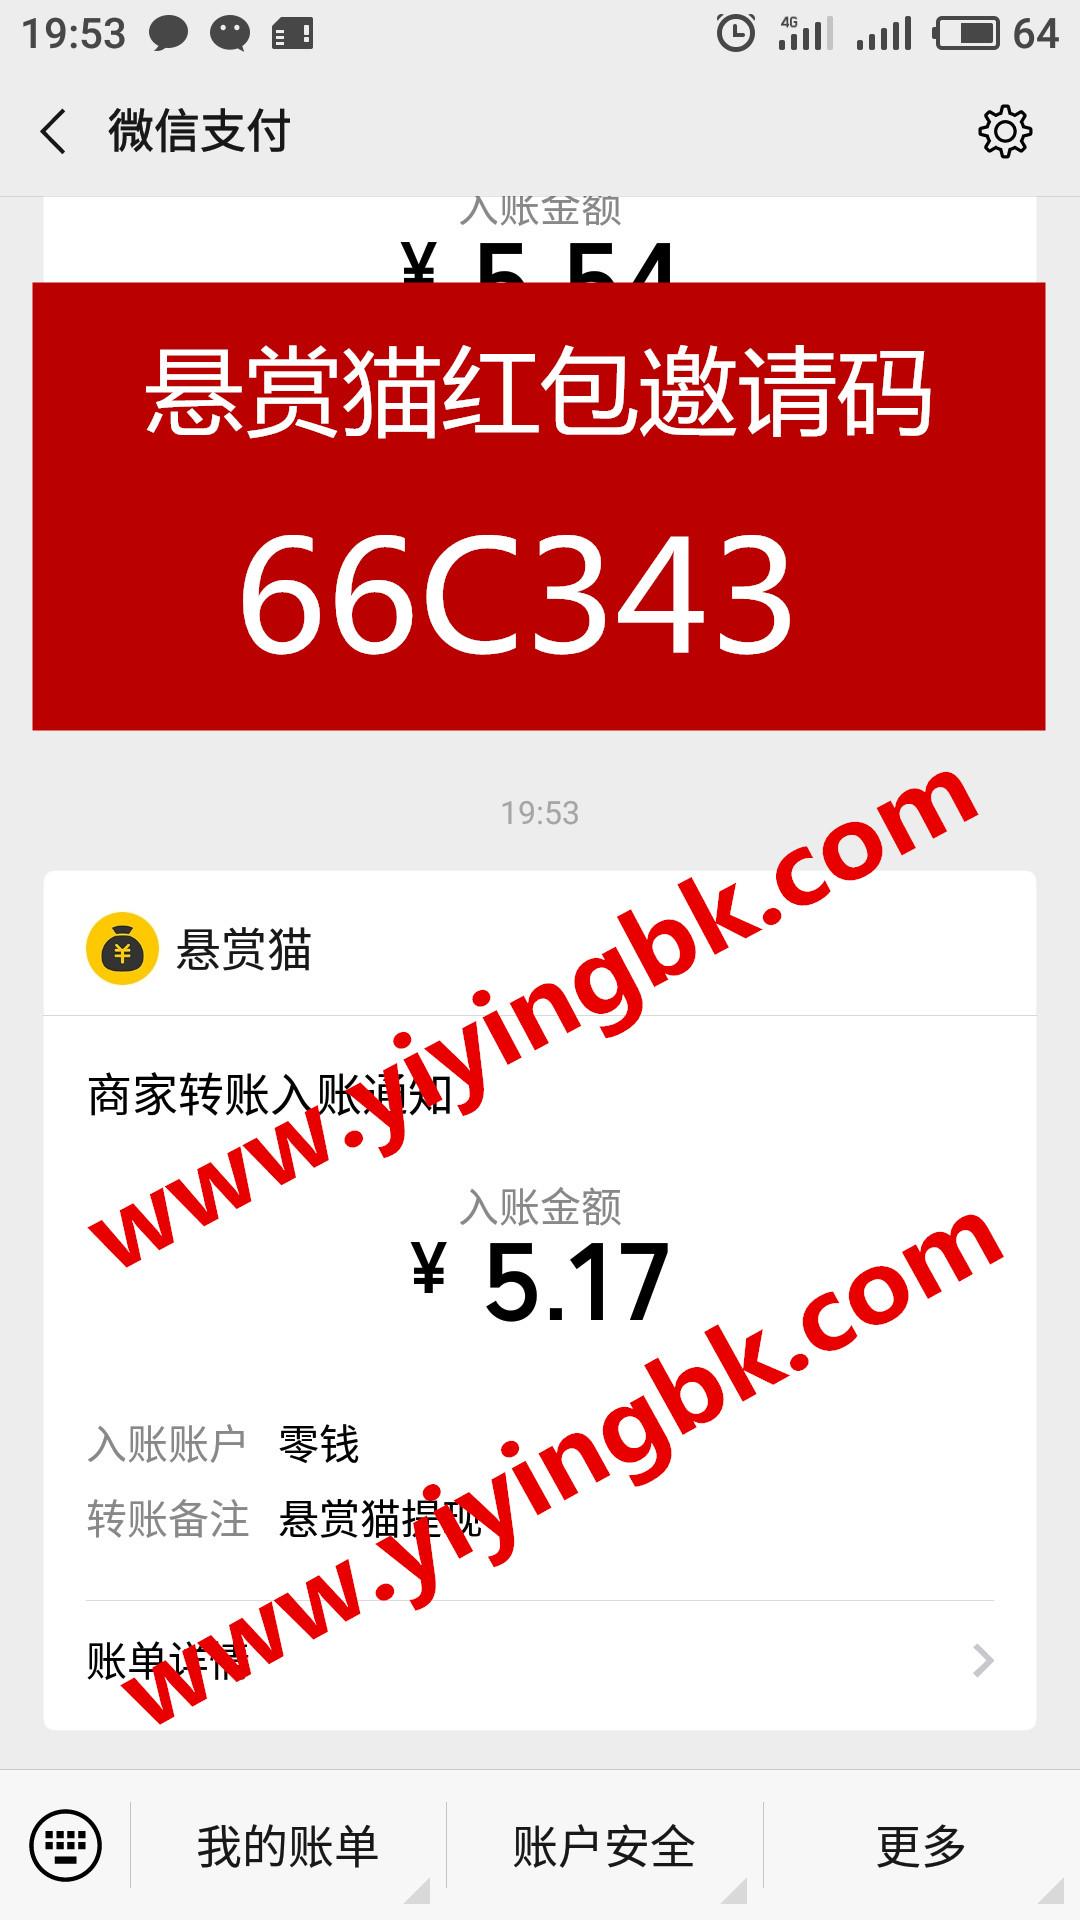 手机免费做任务赚钱,微信提现5.17元支付秒到账,www.yiyingbk.com